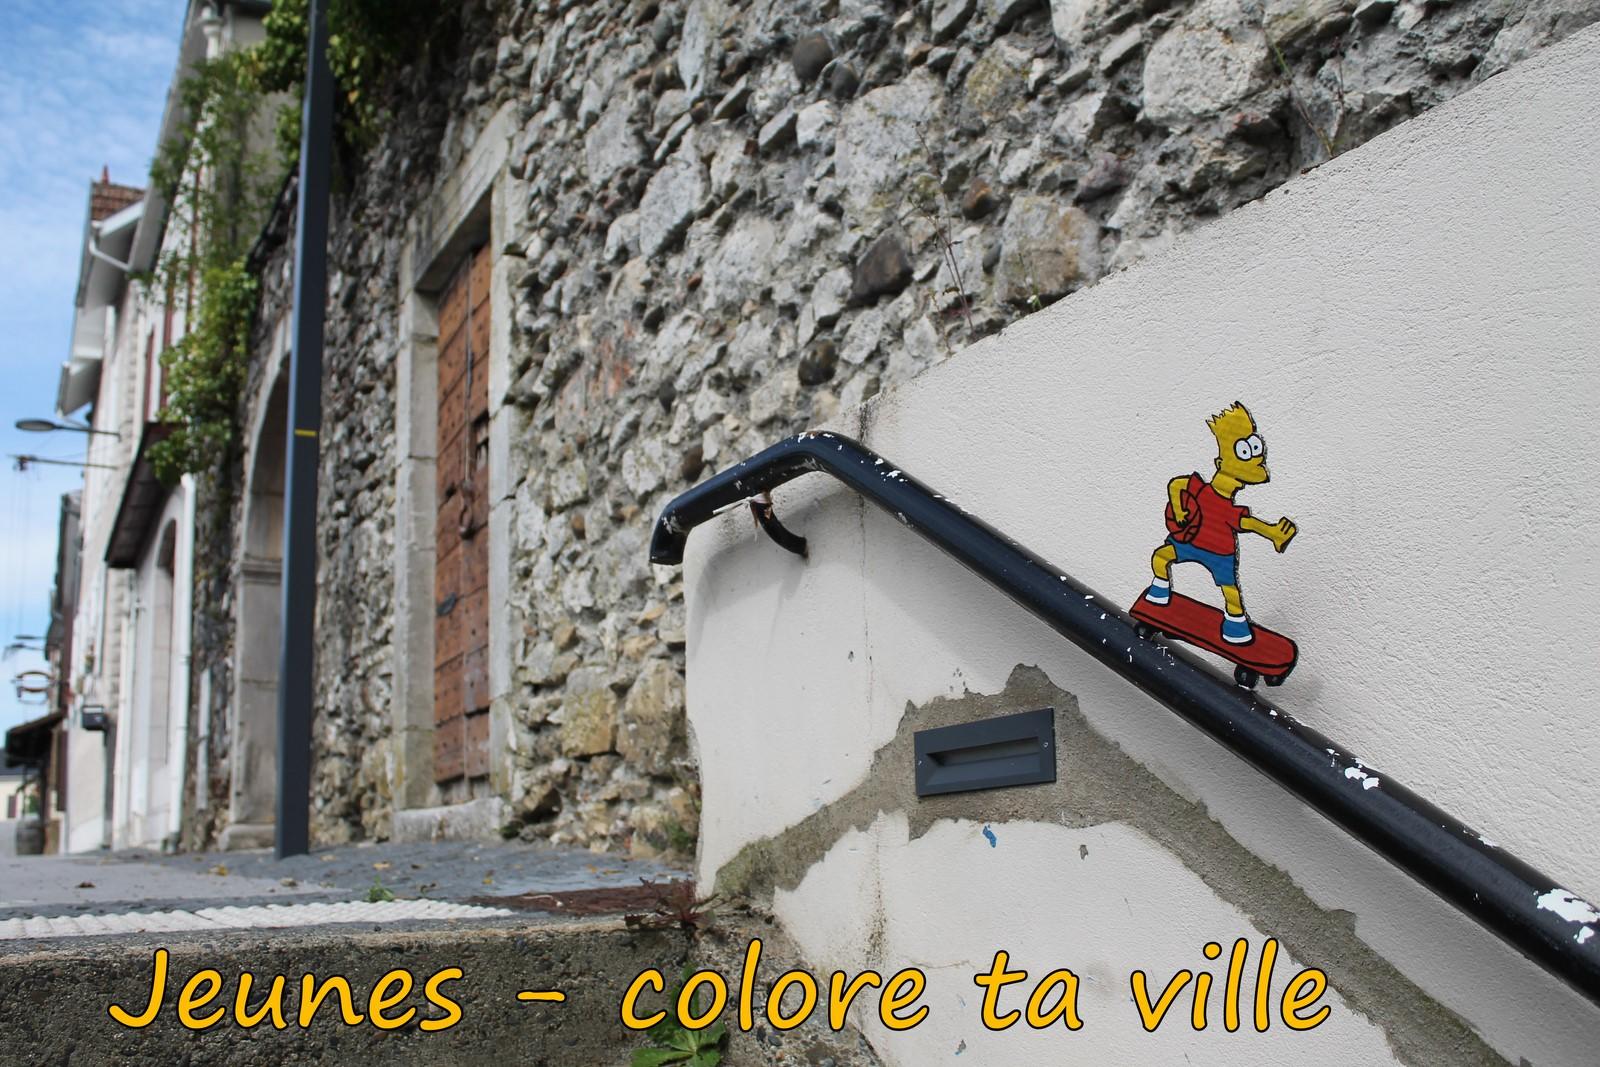 colore-ta-ville-1